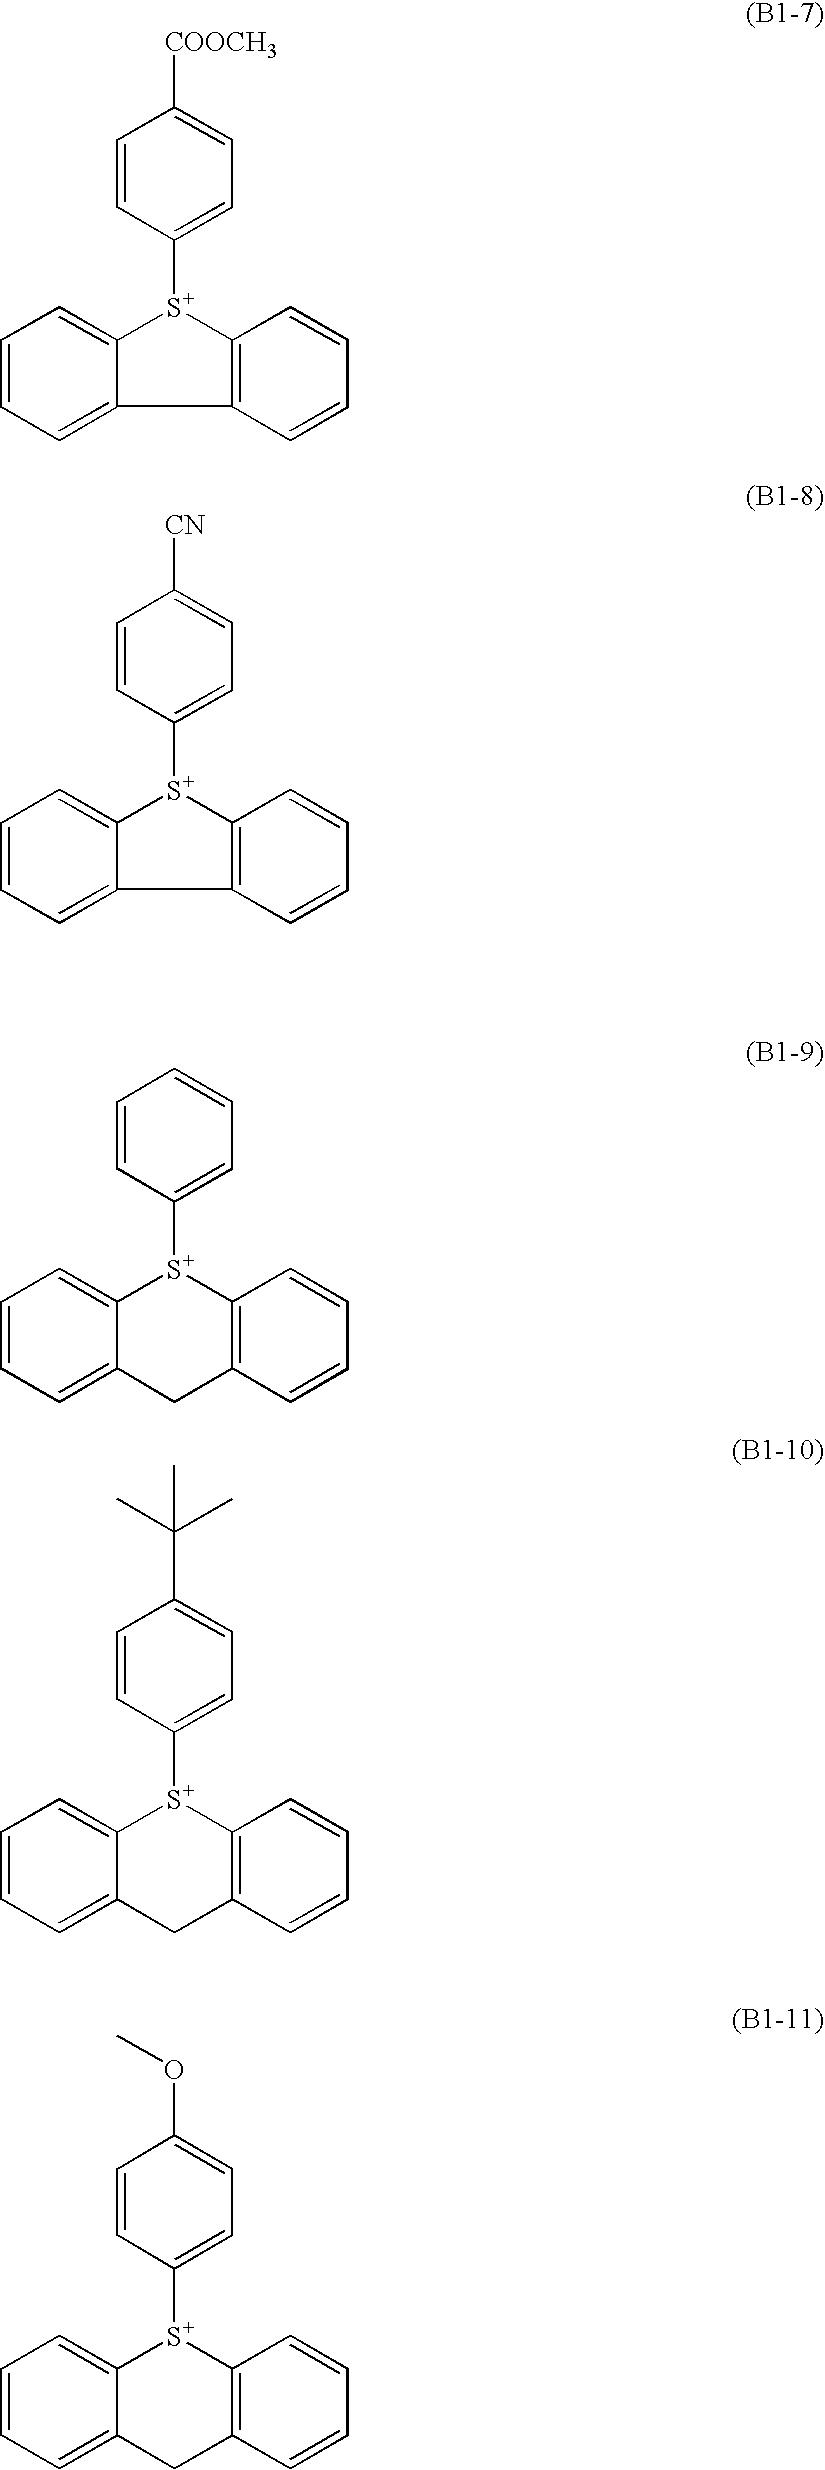 Figure US08852845-20141007-C00011